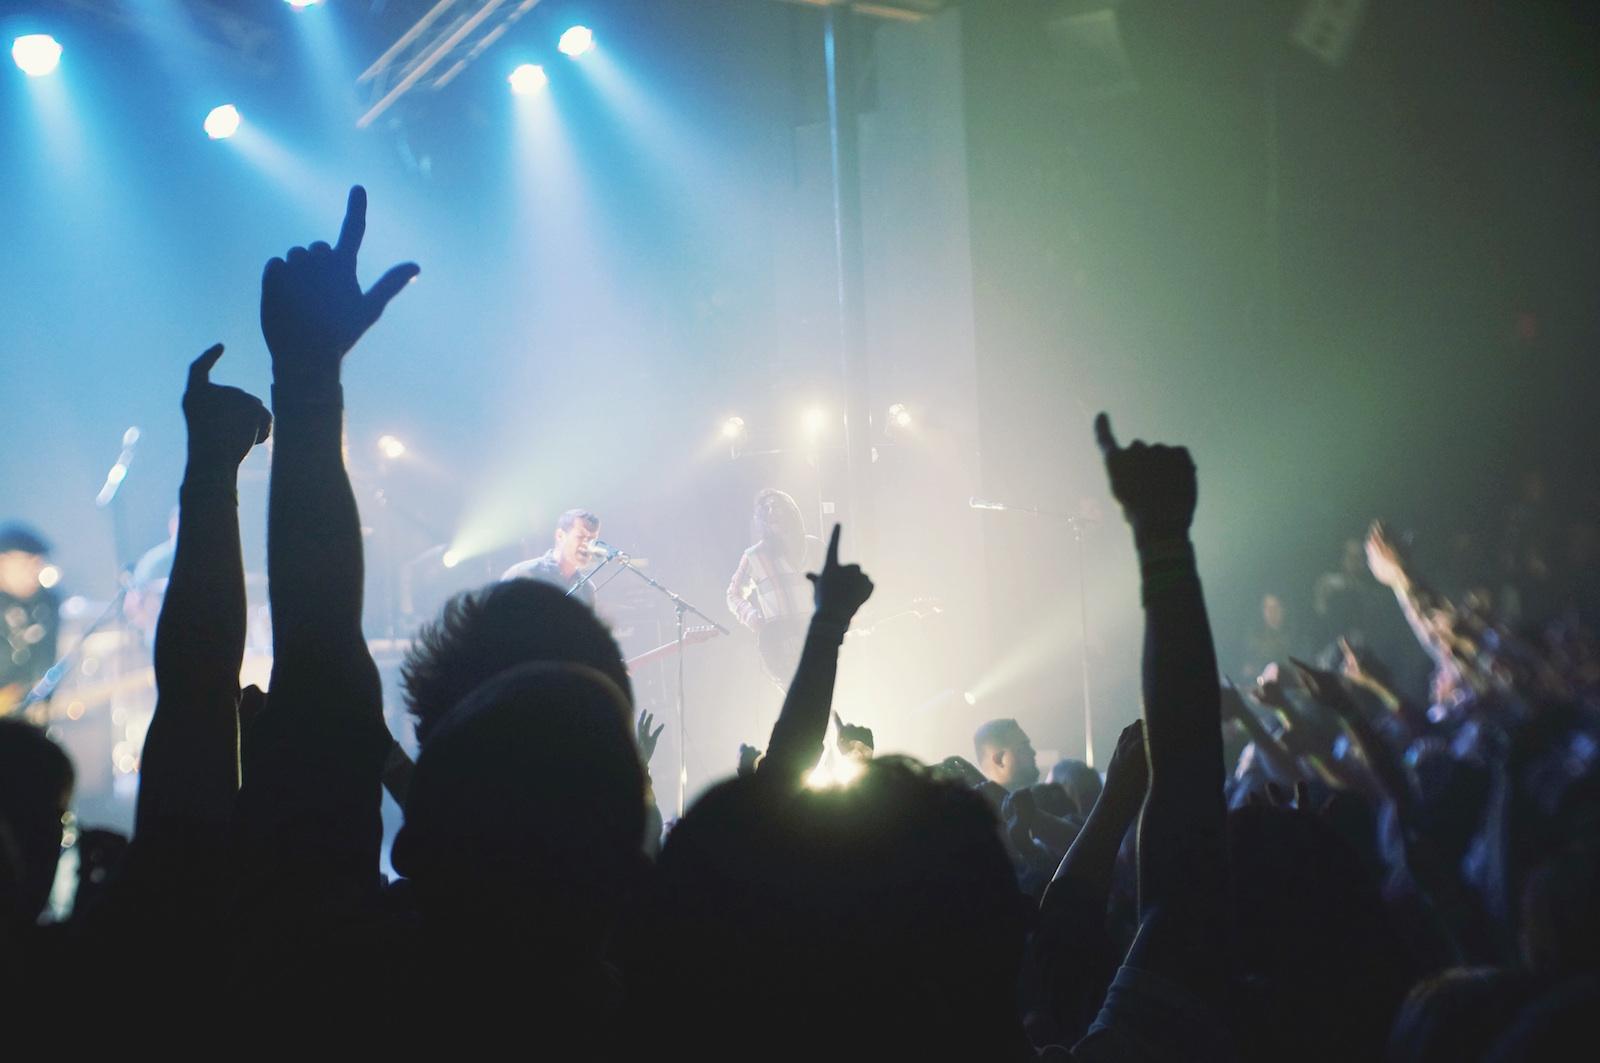 Concertkletsers